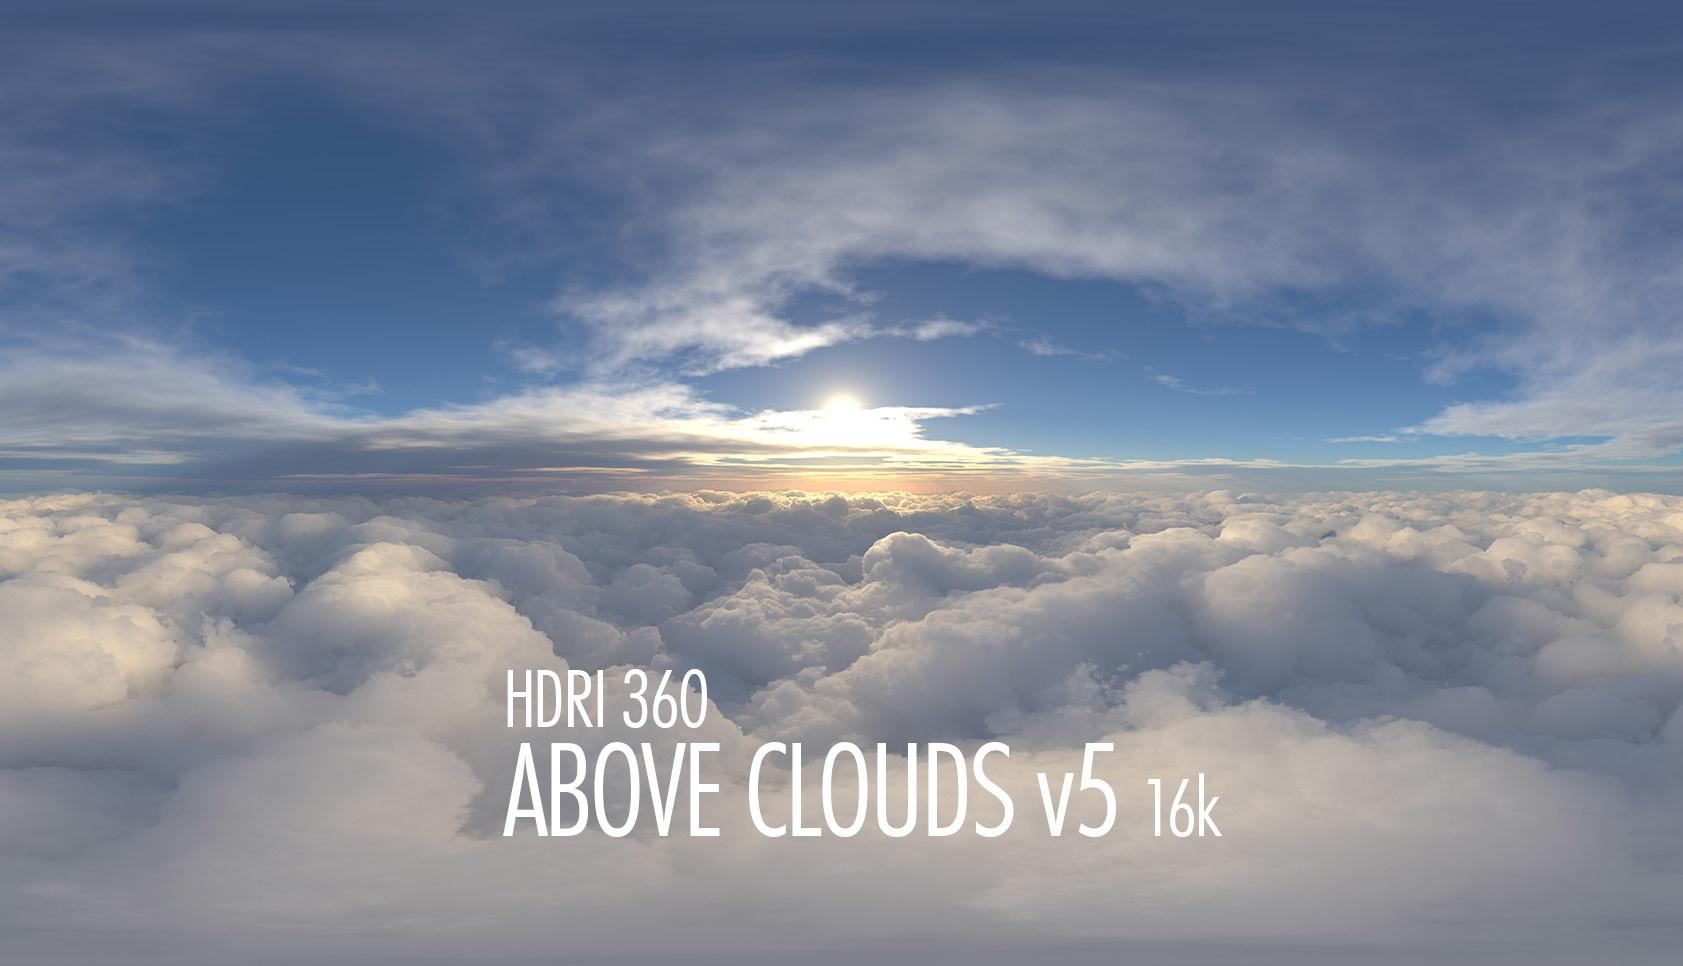 hdri 360 above clouds